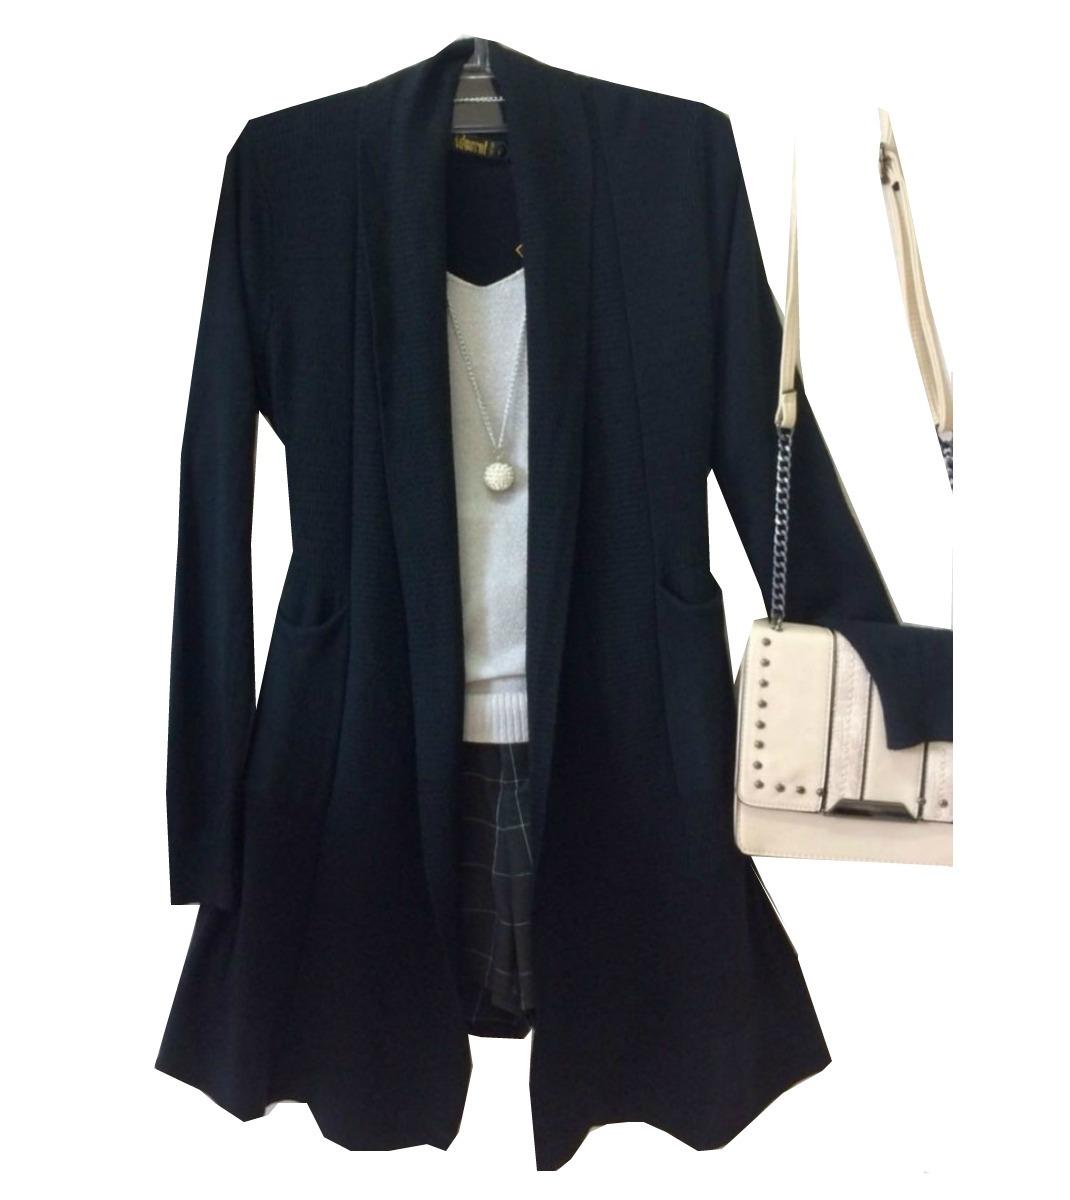 7213994934 cardigan blazer feminino comprido longo casaco grosso. Carregando zoom.